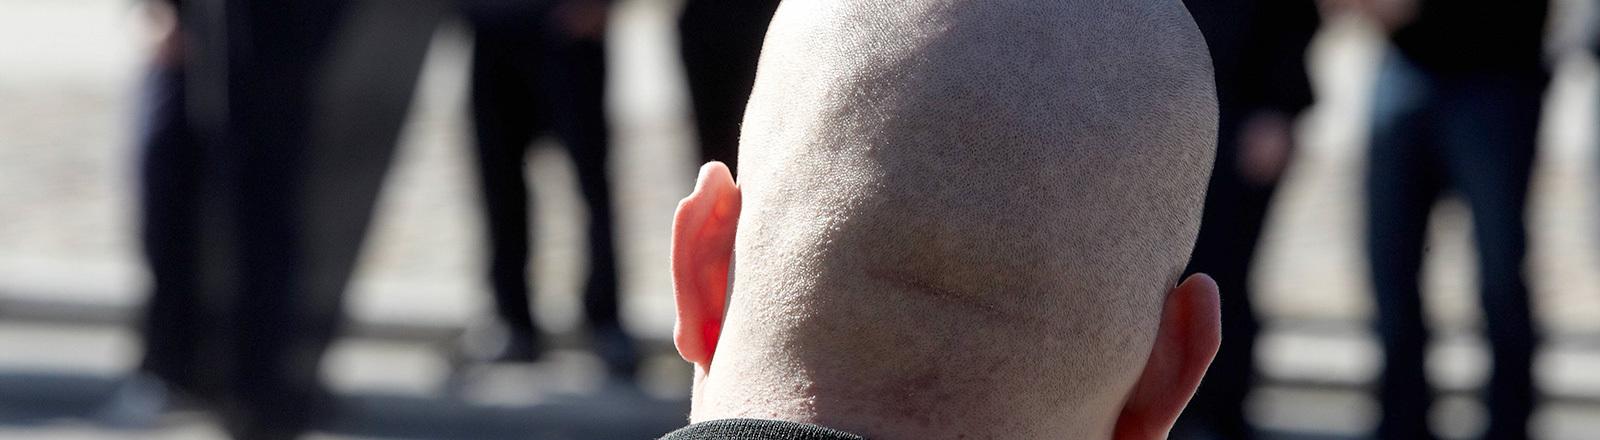 Neonazi mit Glatze